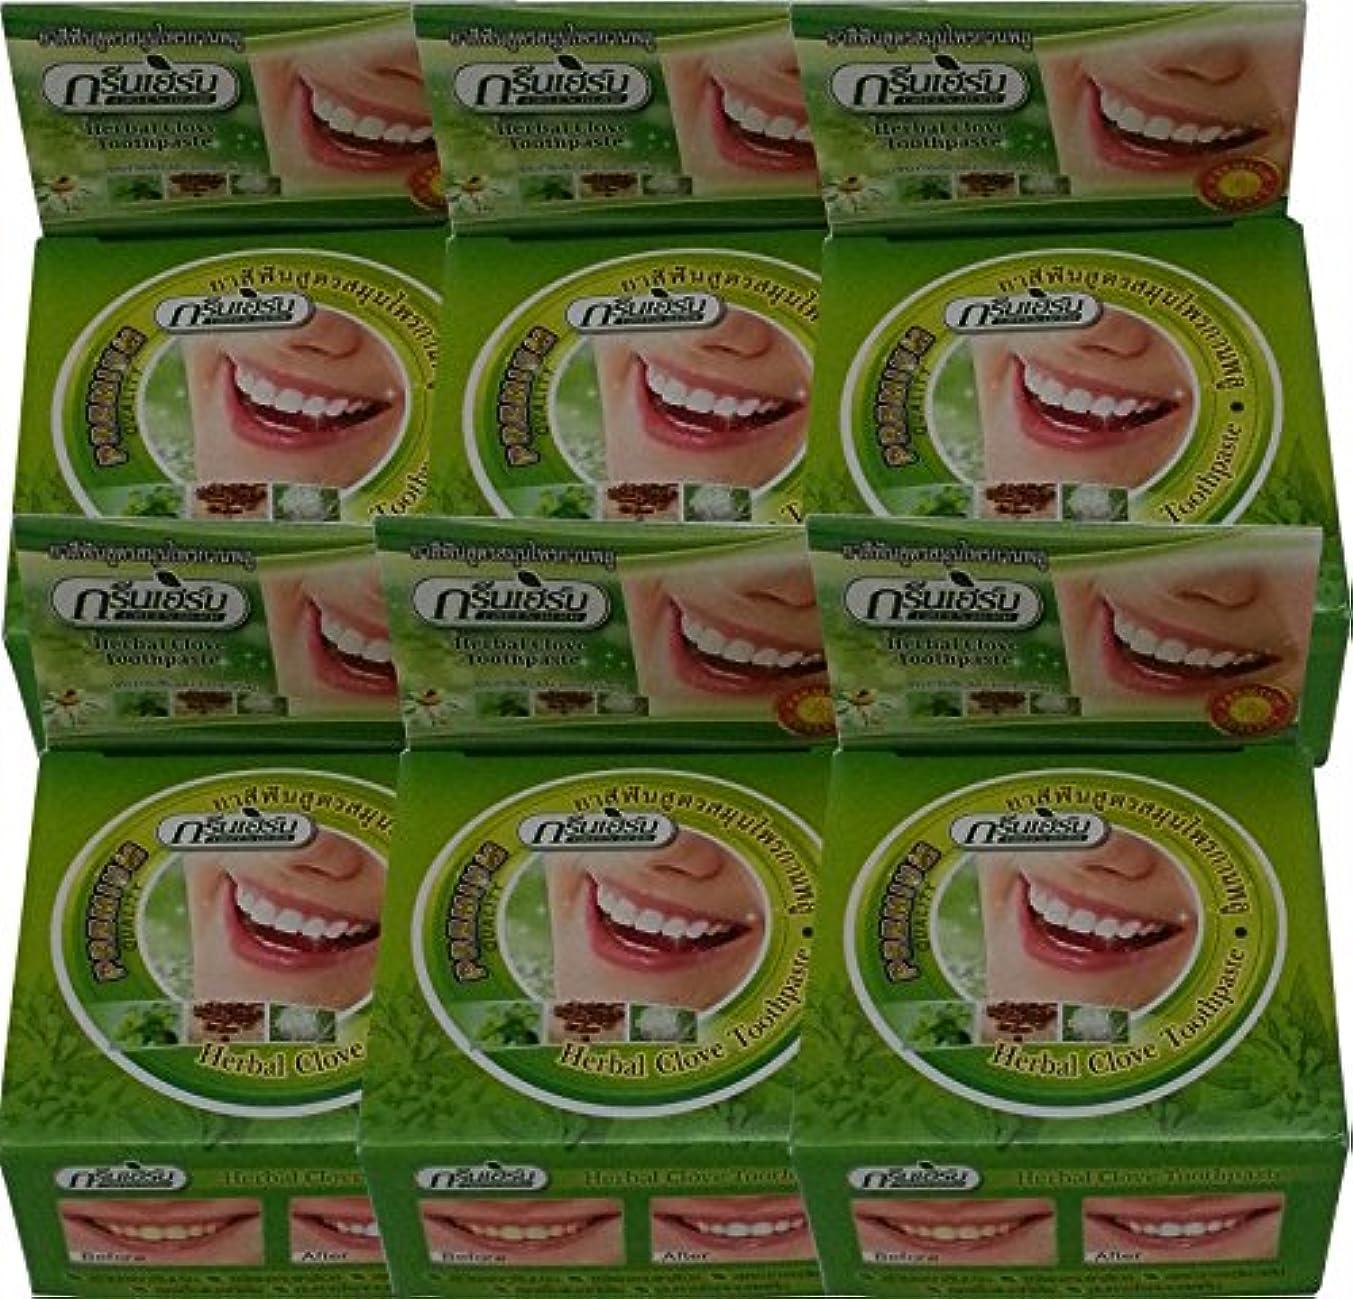 足枷見せます標高Green Herb Thai Herbal Clove Toothpaste Whitening Teeth Anti Bacteria 25g